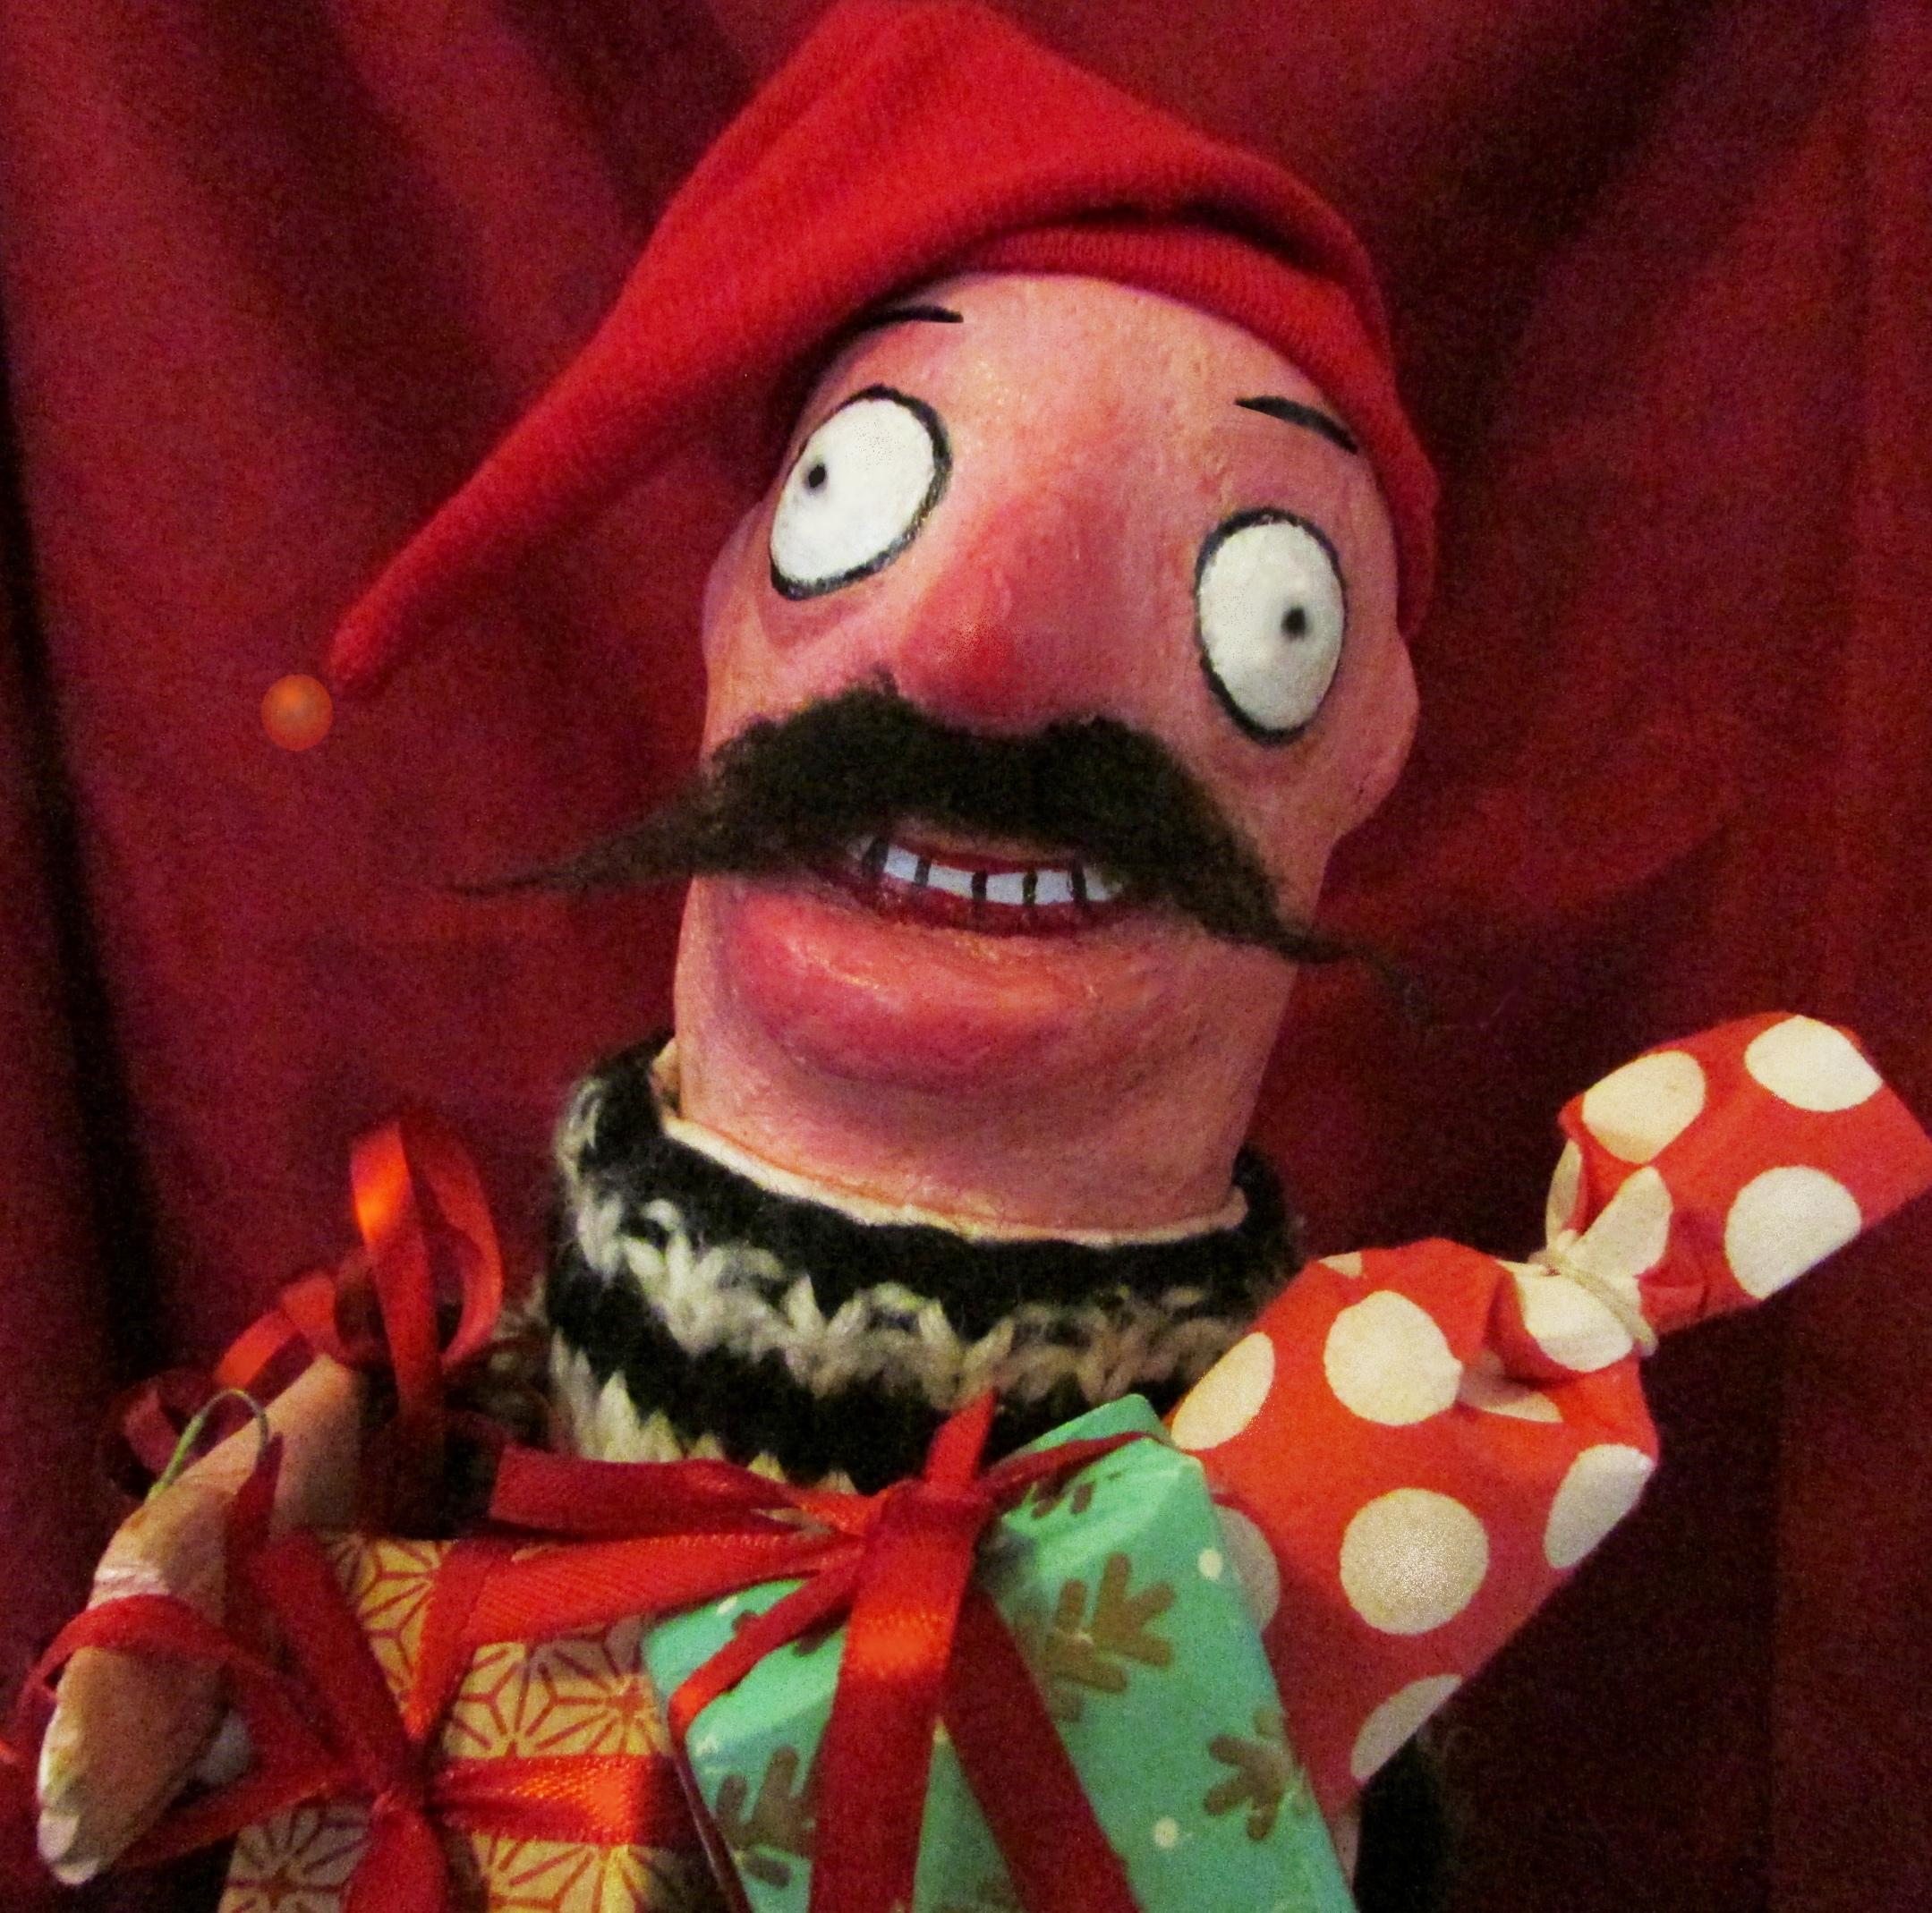 Herra Starkin jouluyllätys - Vauhdikas jouluesitys Circus Stradan tapaan. Herra Stark seurueineen aloittaa jouluvalmistelut, mutta kaikki ei mene aivan suunnitelmien mukaan…Esityskielet suomi: ruotsi, englanti. Sopii myös vain vähän näitä kieliä taitaville sillä esitys on täynnä toimintaa. Ja joulukoristeita!Kaikenikäisille. Esiintymispaikoiksi sopivat yli 230 cm korkeat tilat (olohuoneista jumppasalien kautta teatterinäyttämöihin).